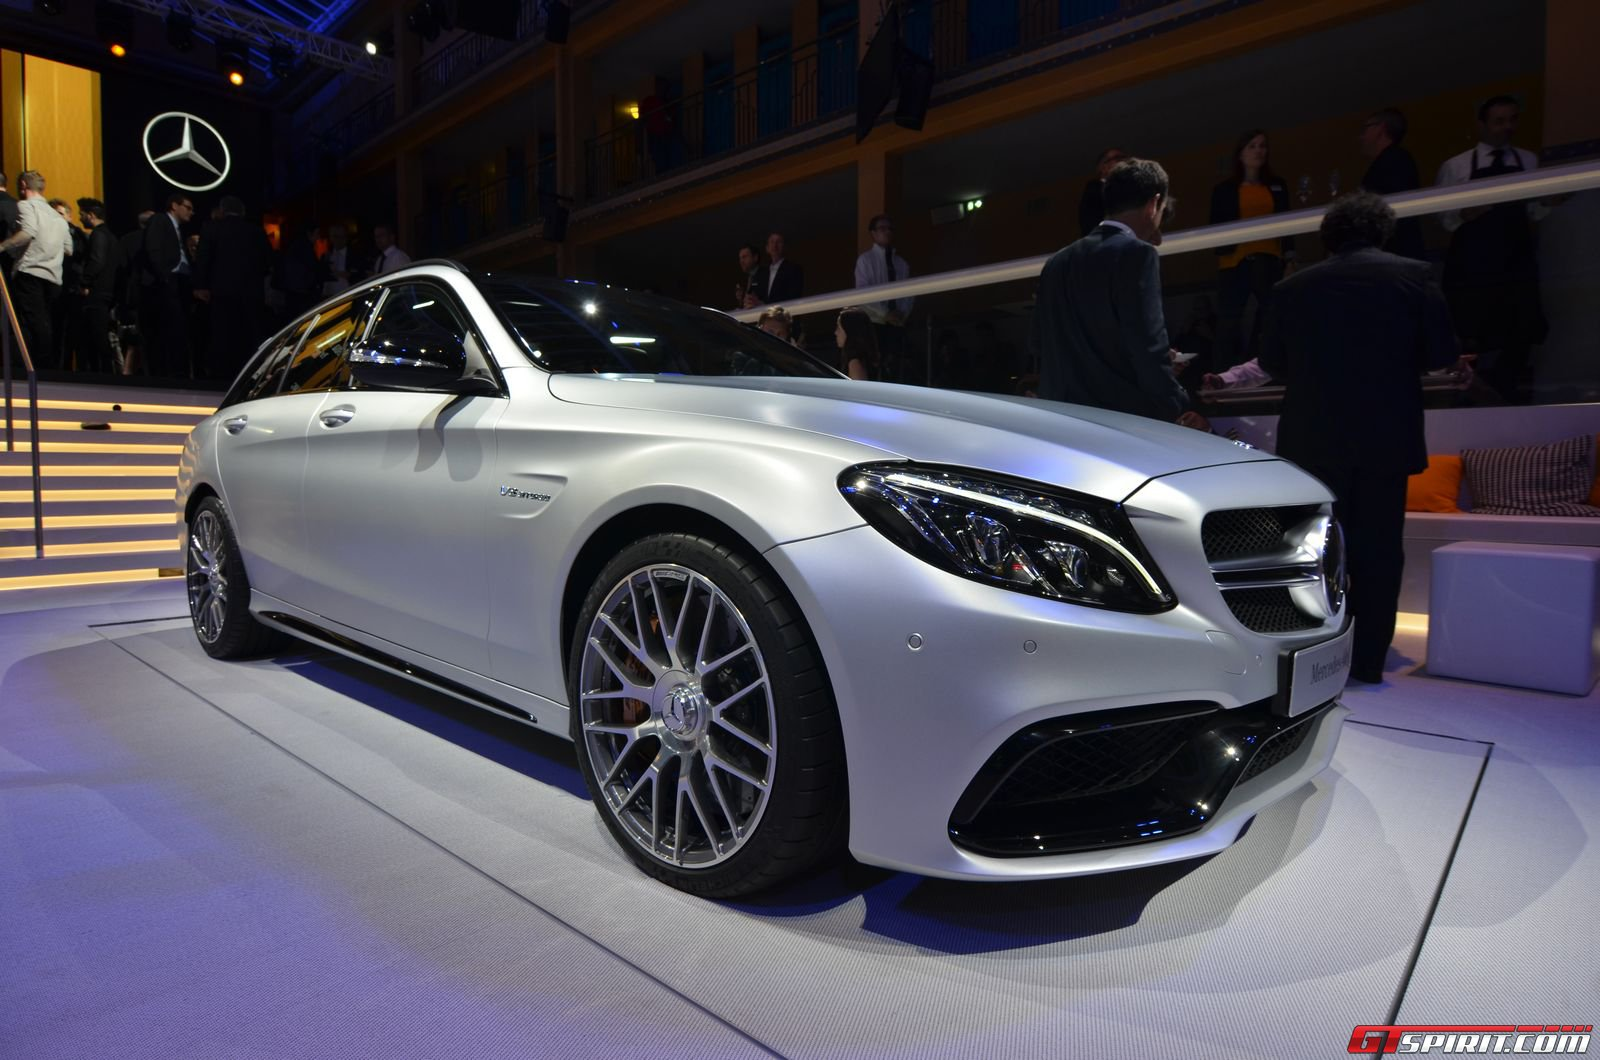 Paris 2014 2015 Mercedes Amg C63 And C63 S Gtspirit